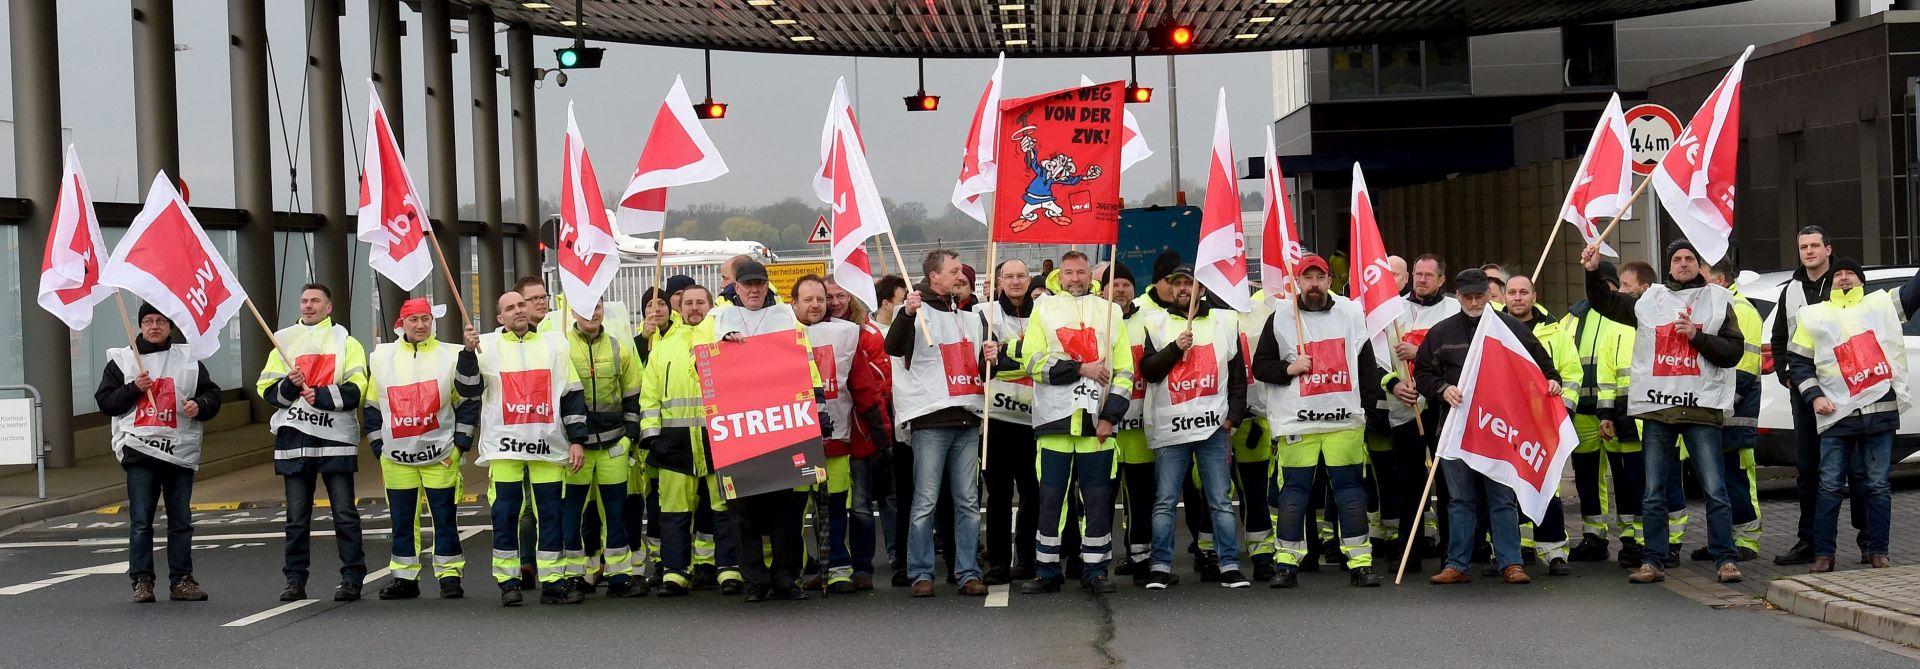 NAKON ŠTRAJKA: Dogovor o plaćama za zaposlene u njemačkim javnim službama